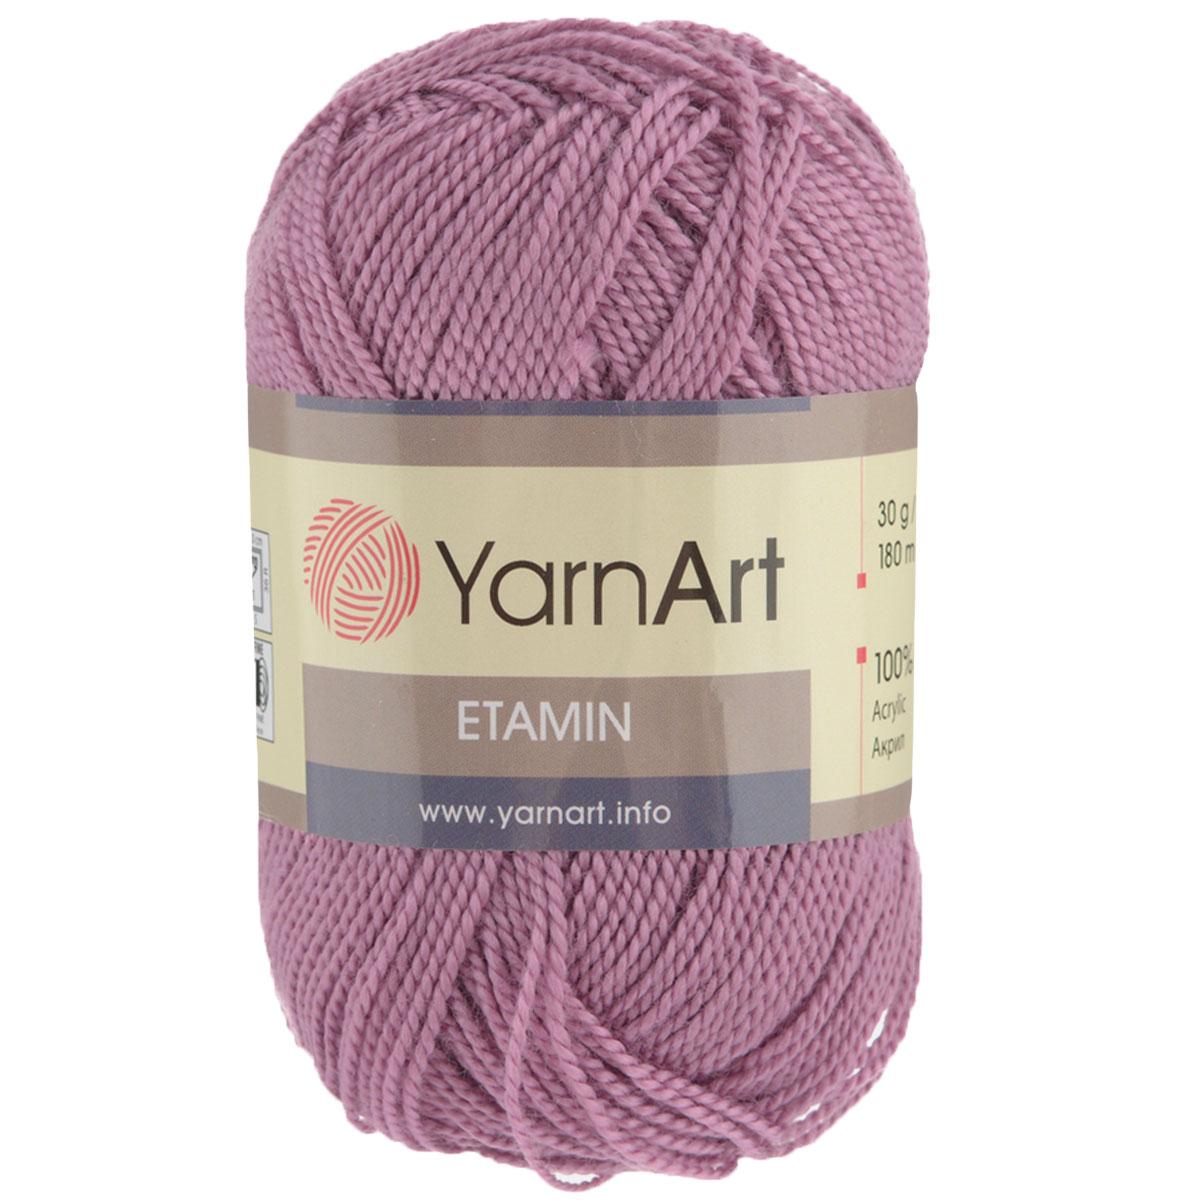 Пряжа для вязания YarnArt Etamin, цвет: фуксия (441), 180 м, 30 г, 10 шт372099_441Пряжа Etamin YarnArt - это классическая пряжа из тонкого акрила для вязания изящных вещиц. Пряжа довольно прочная, не вытягивается, не скатывается, цветовая палитра представлена широчайшей радугой оттенков. Очень хорошо из Etamin YarnArt вязать декоративные элементы, цветы, игрушки, куколки и одежду для них, чехлы для мобильных телефонов и так далее. Вязать из этой ниточки очень легко: пряжа не скользит, не спутывается и не расслаивается. Рекомендованные спицы и крючок № 2,5. Состав: 100% акрил.